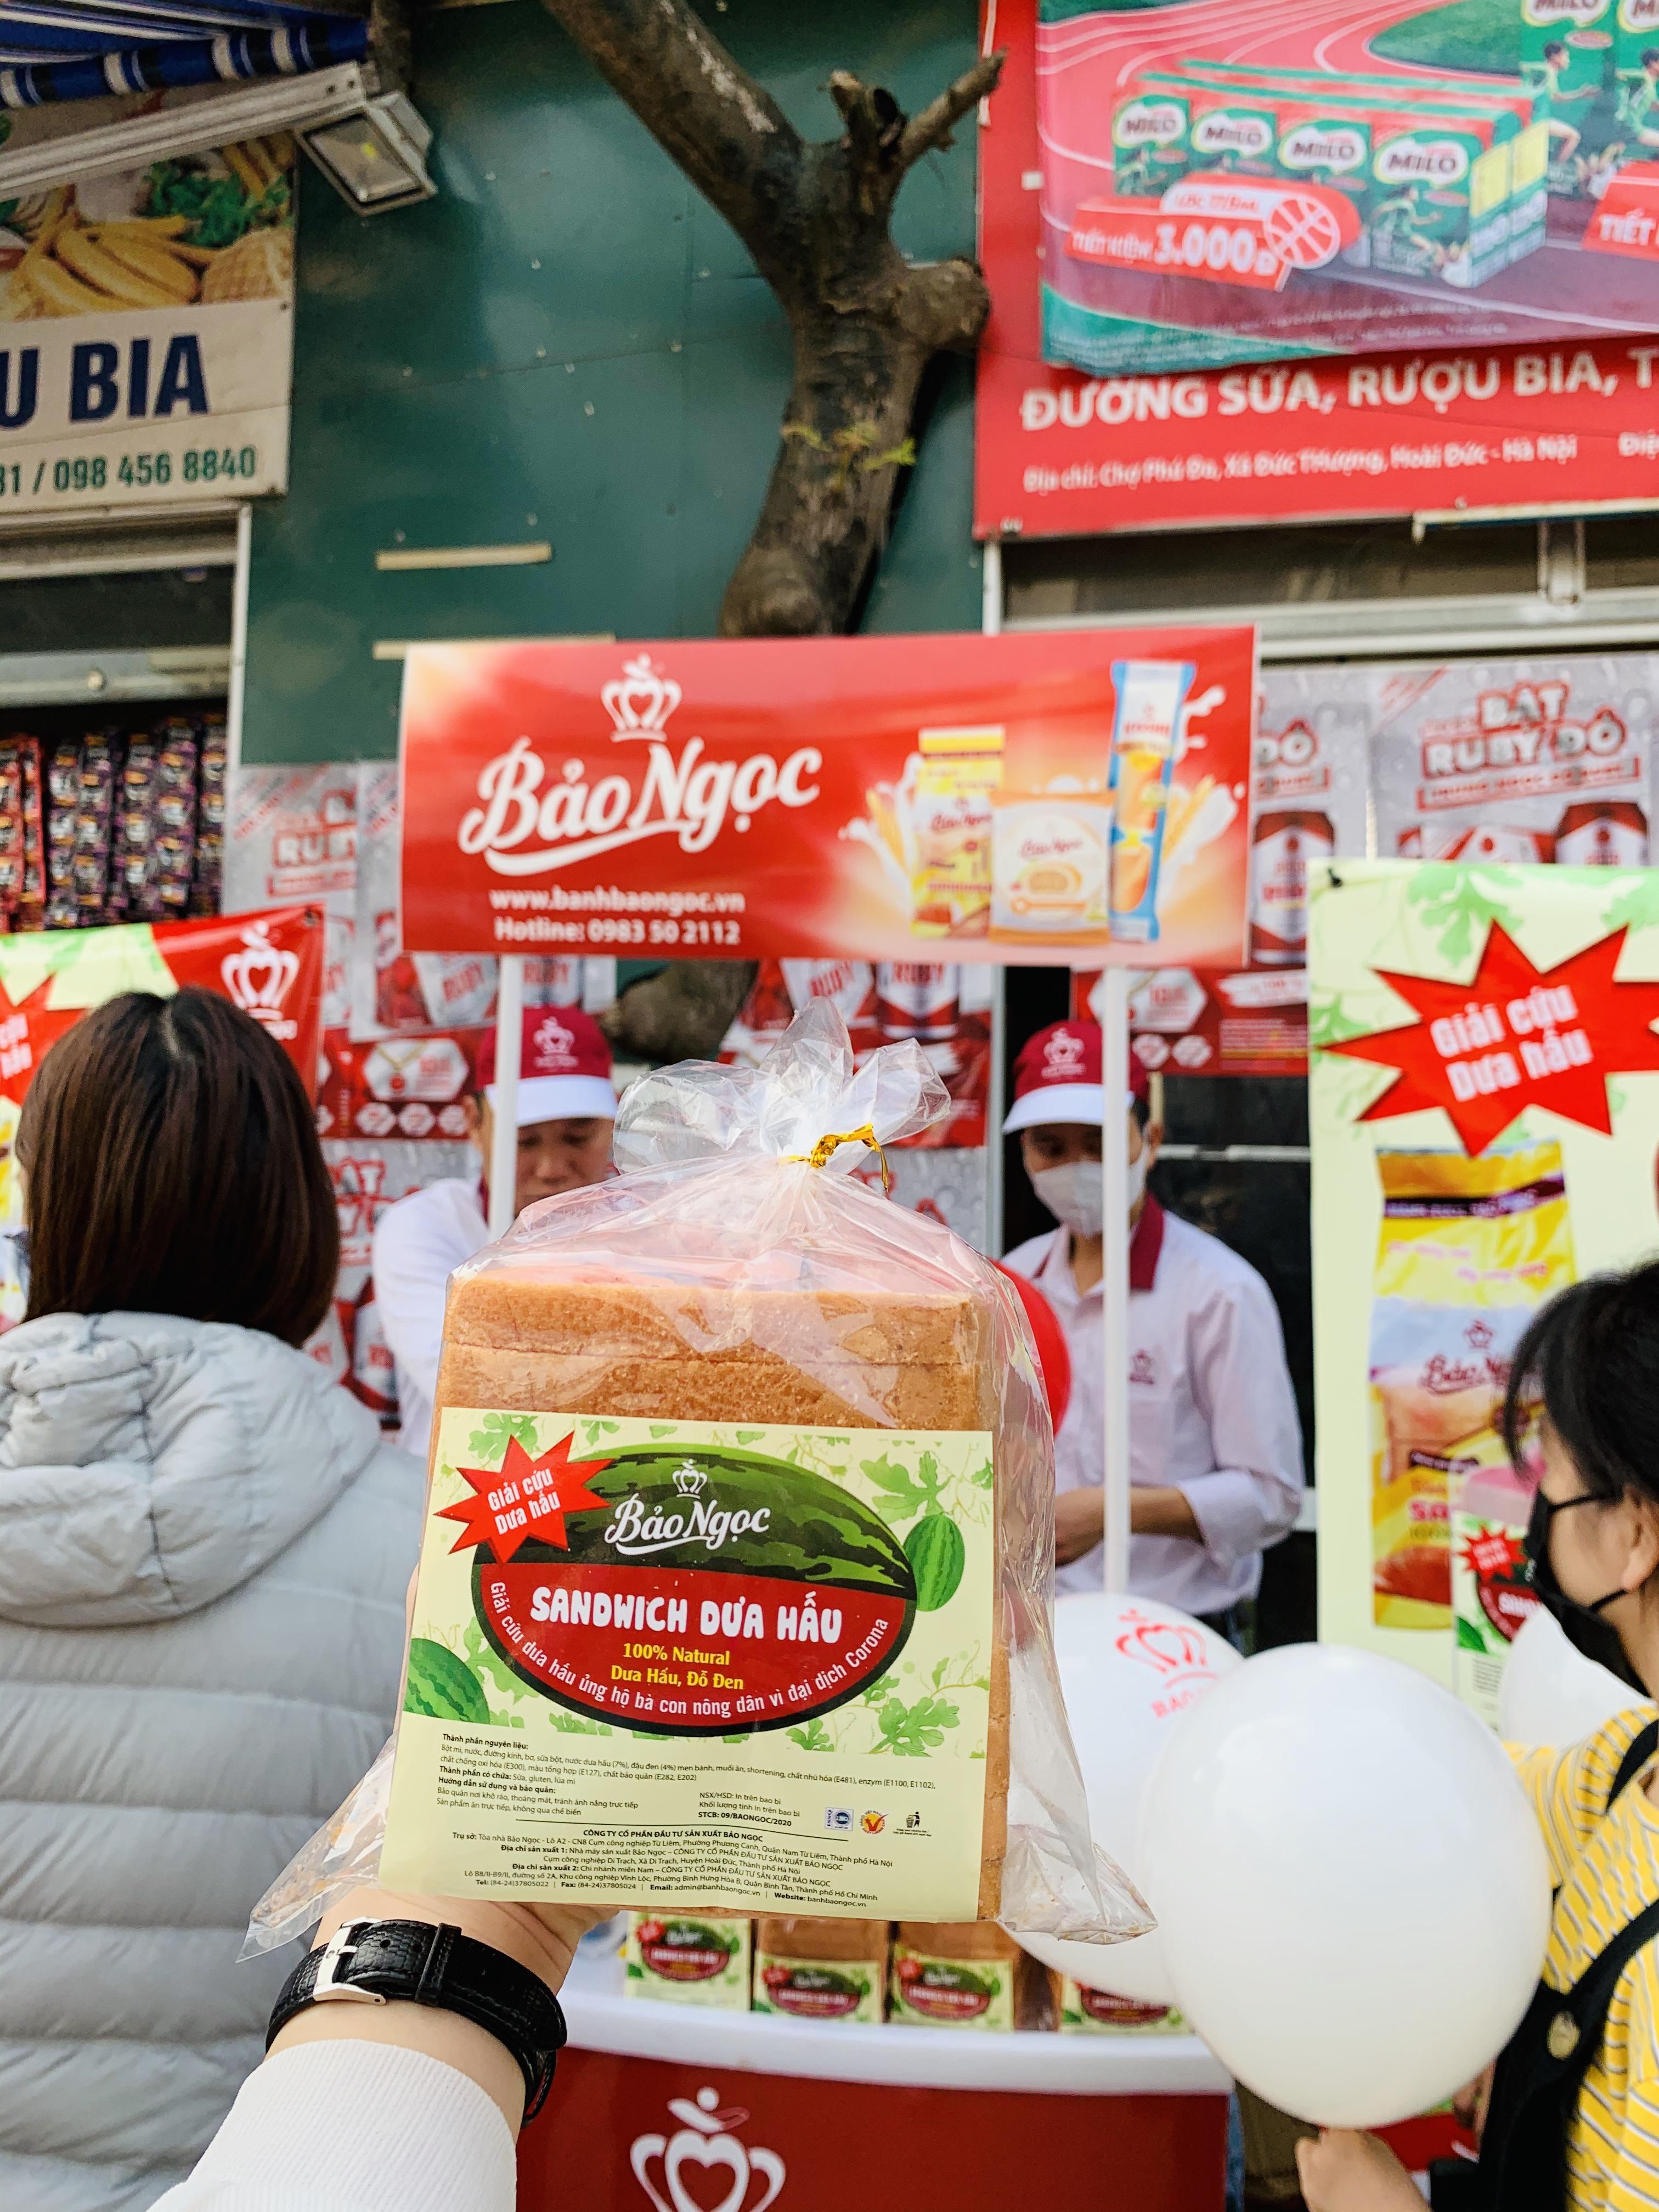 Bánh Sandwich dưa hấu và chuyện sáng tạo kinh doanh mùa dịch COVID-19